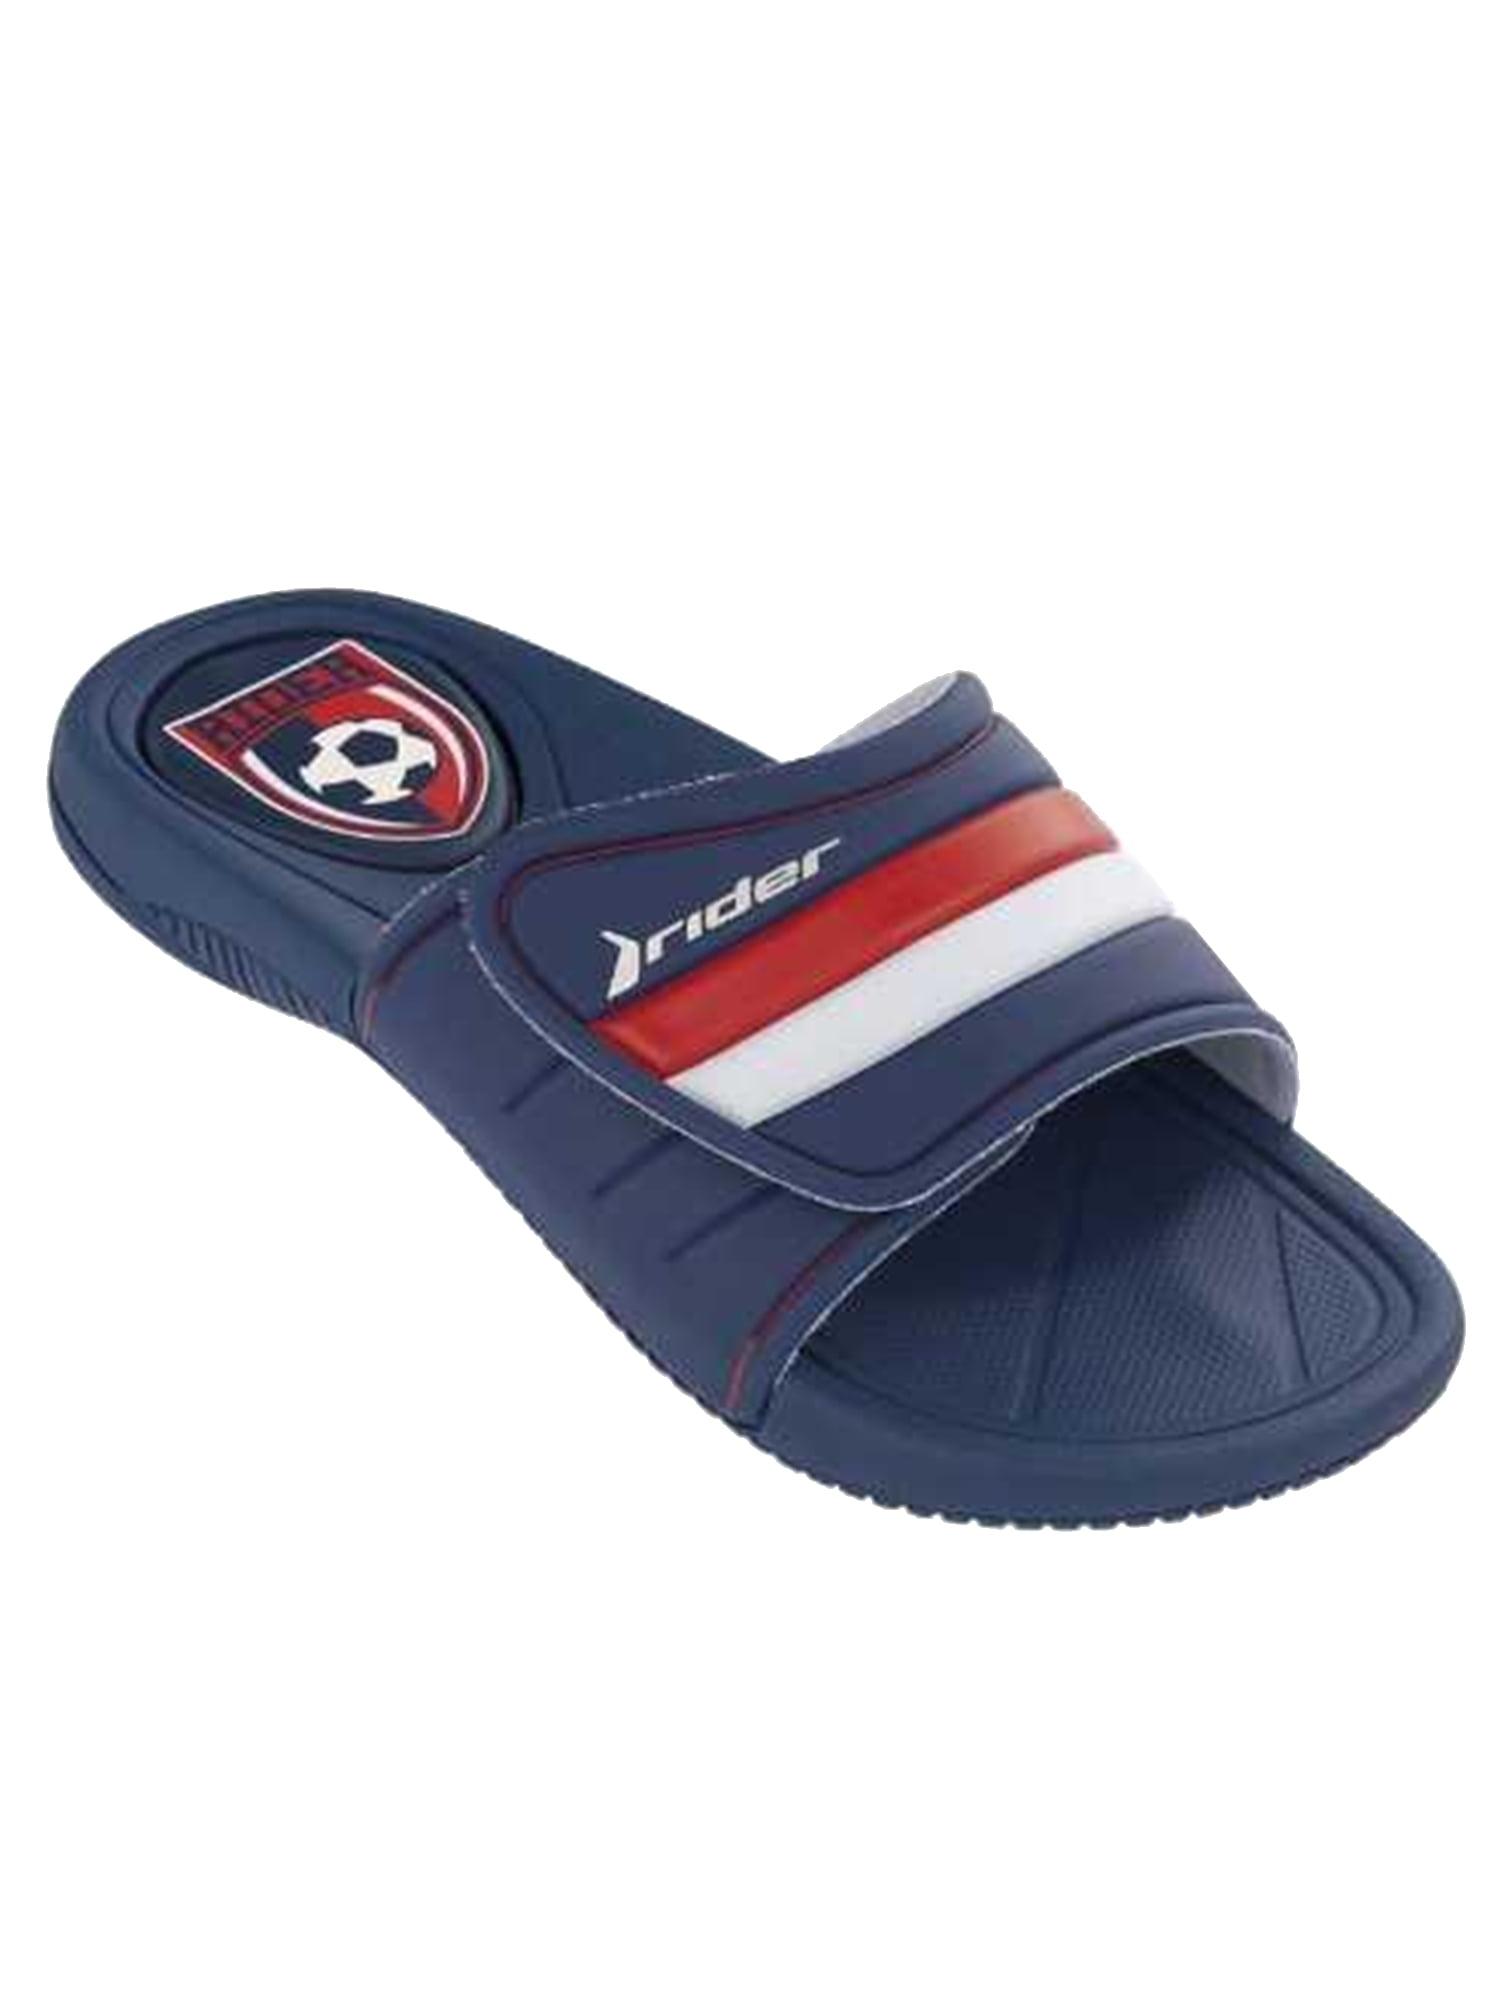 Rider Men's Speed World Blue / White Slide Sandal (Blue;Size 10)